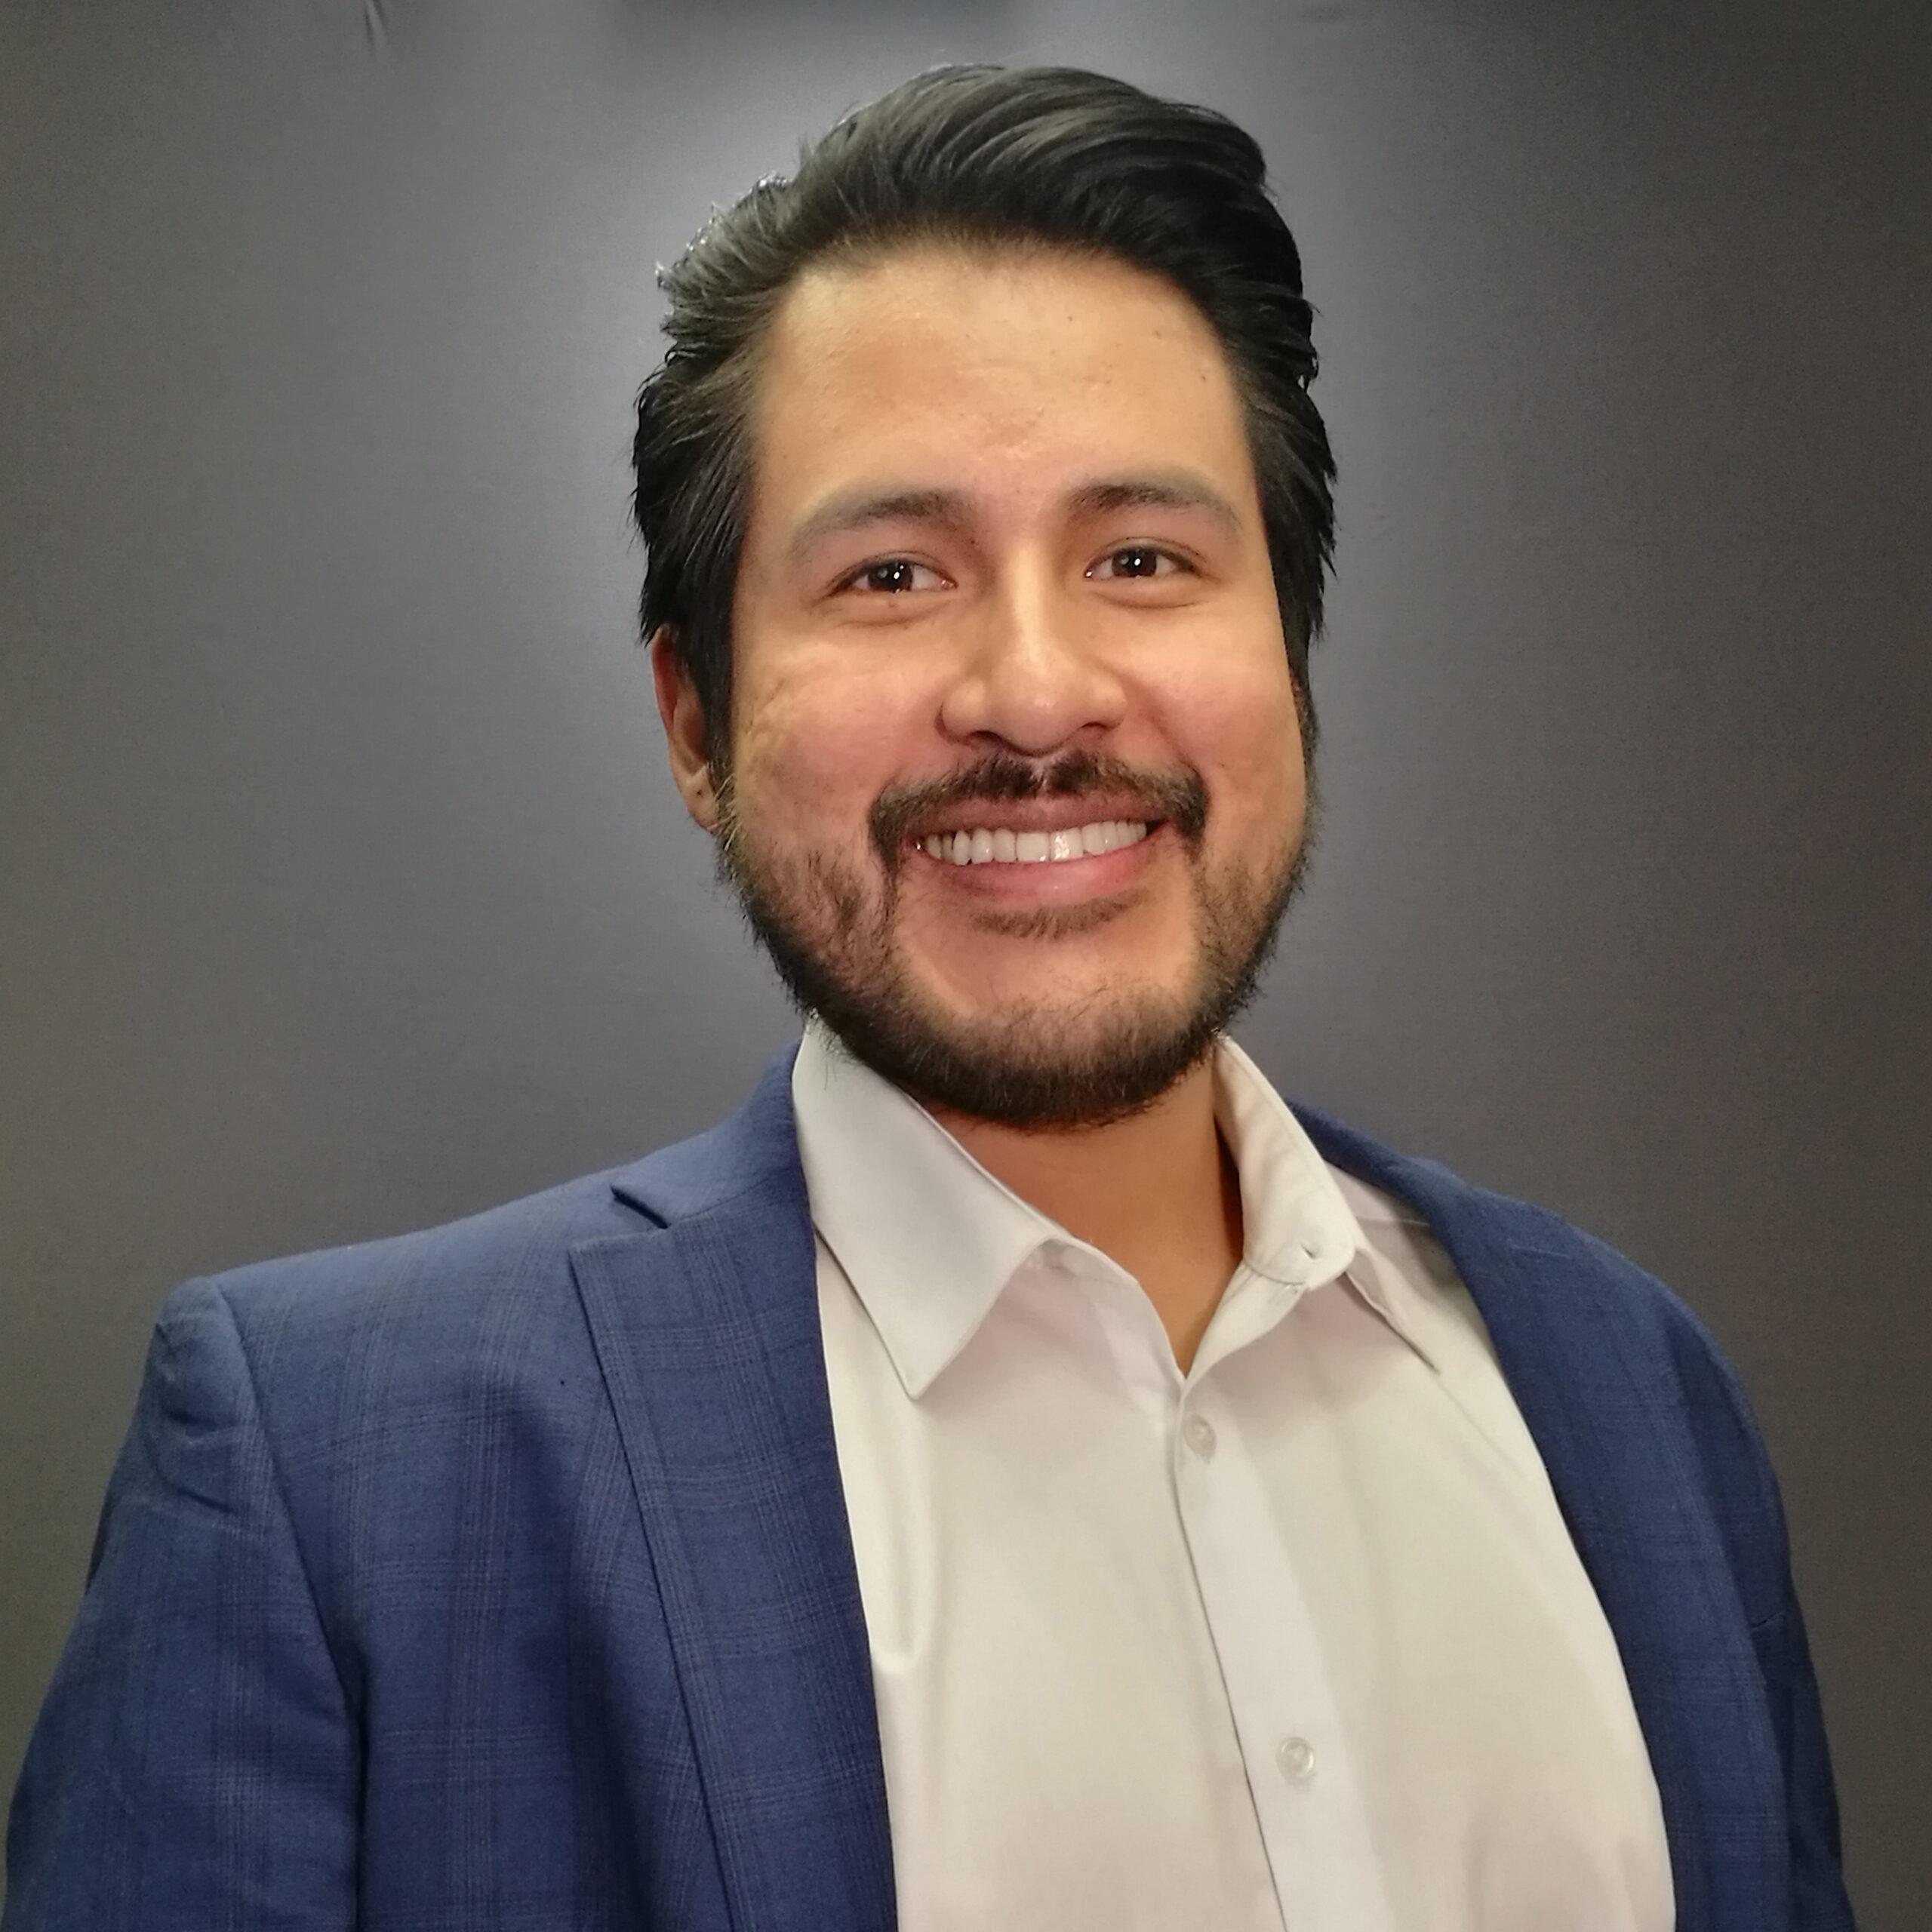 Carlos Herquinio